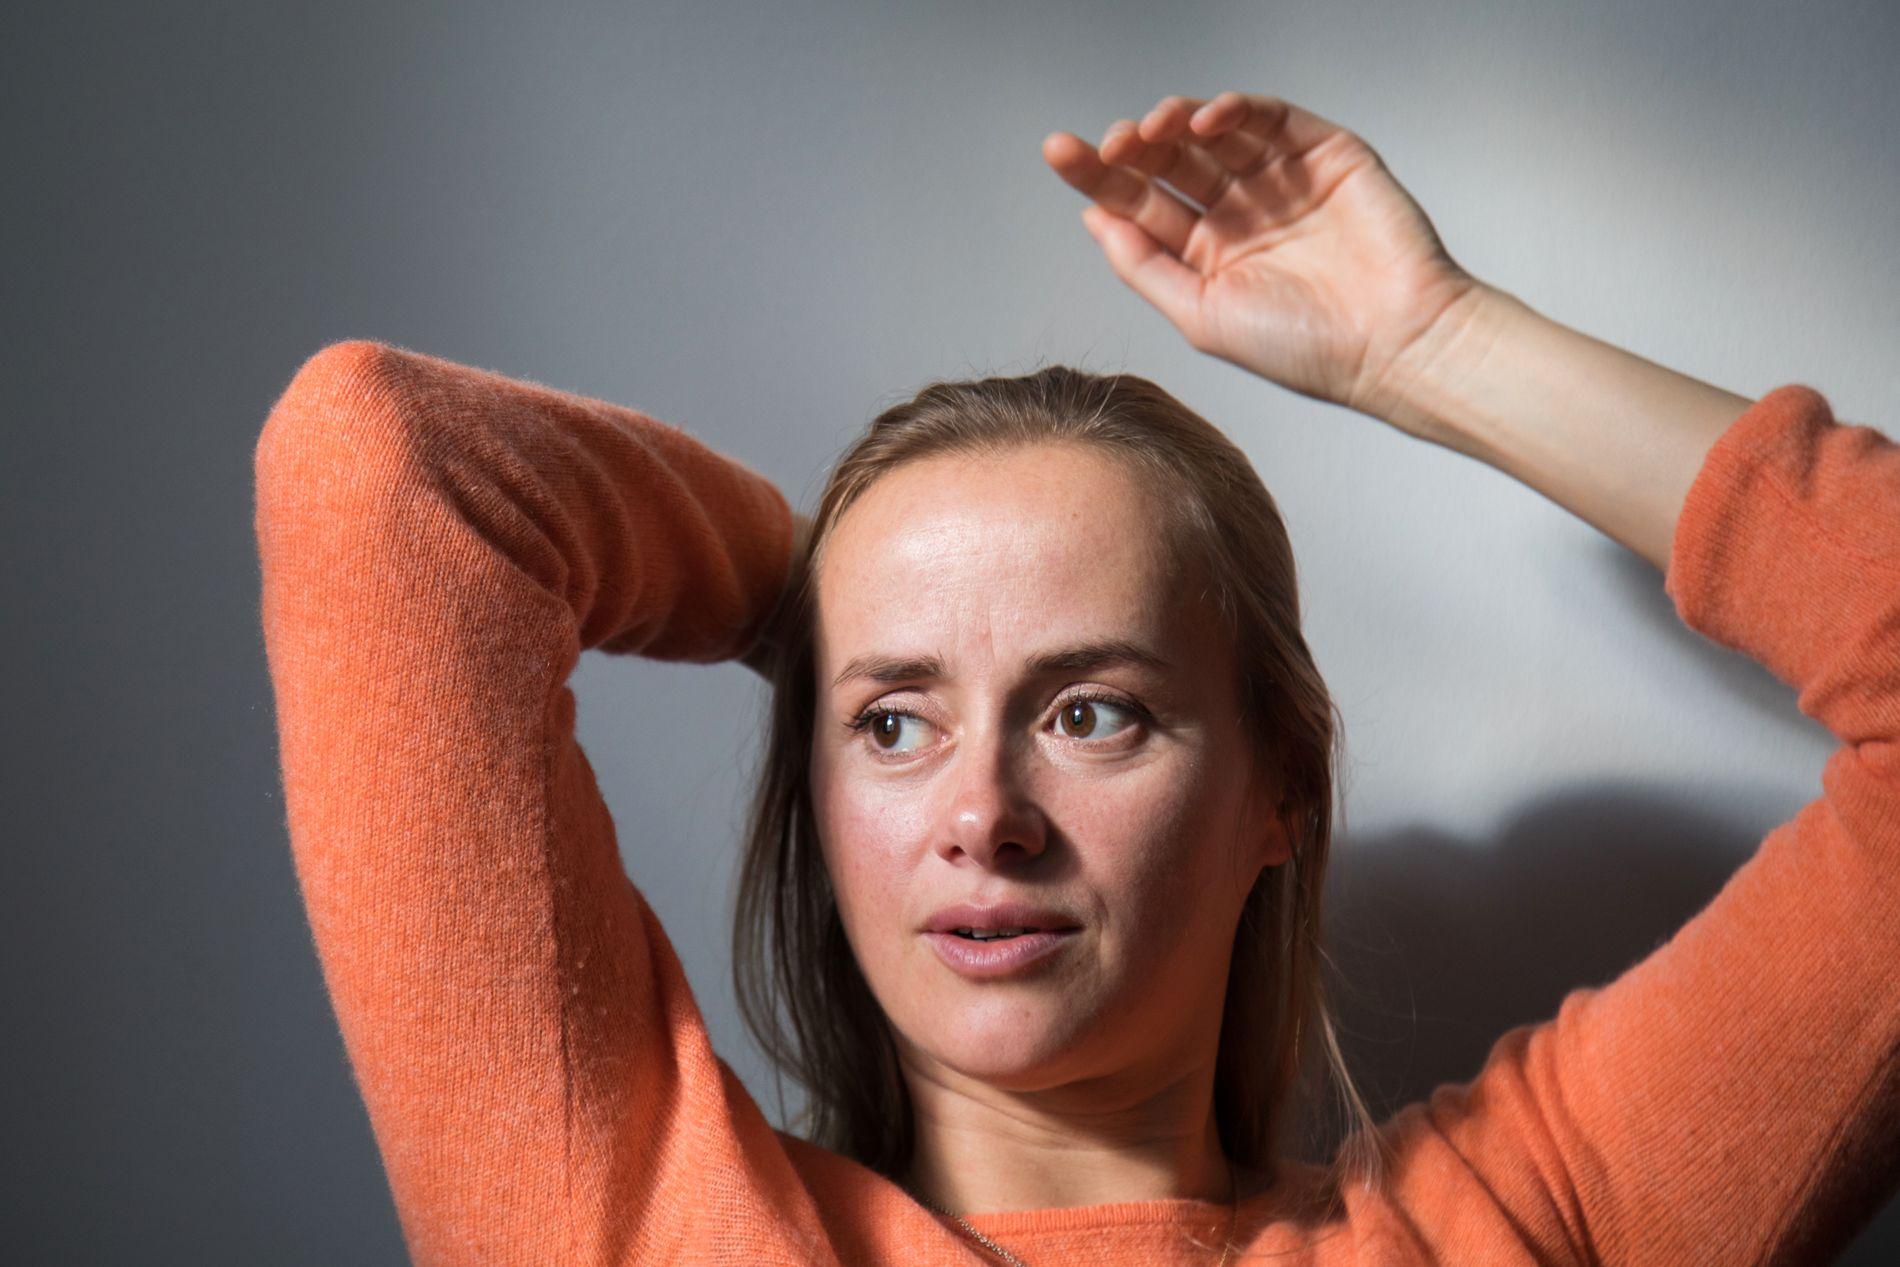 MÅLLØS: Tale Maria Krohn Engvik, kjent på Snapschat som Helsesista, mener leppeforstørrelse og russetiden ikke har noe med hverandre å gjøre.